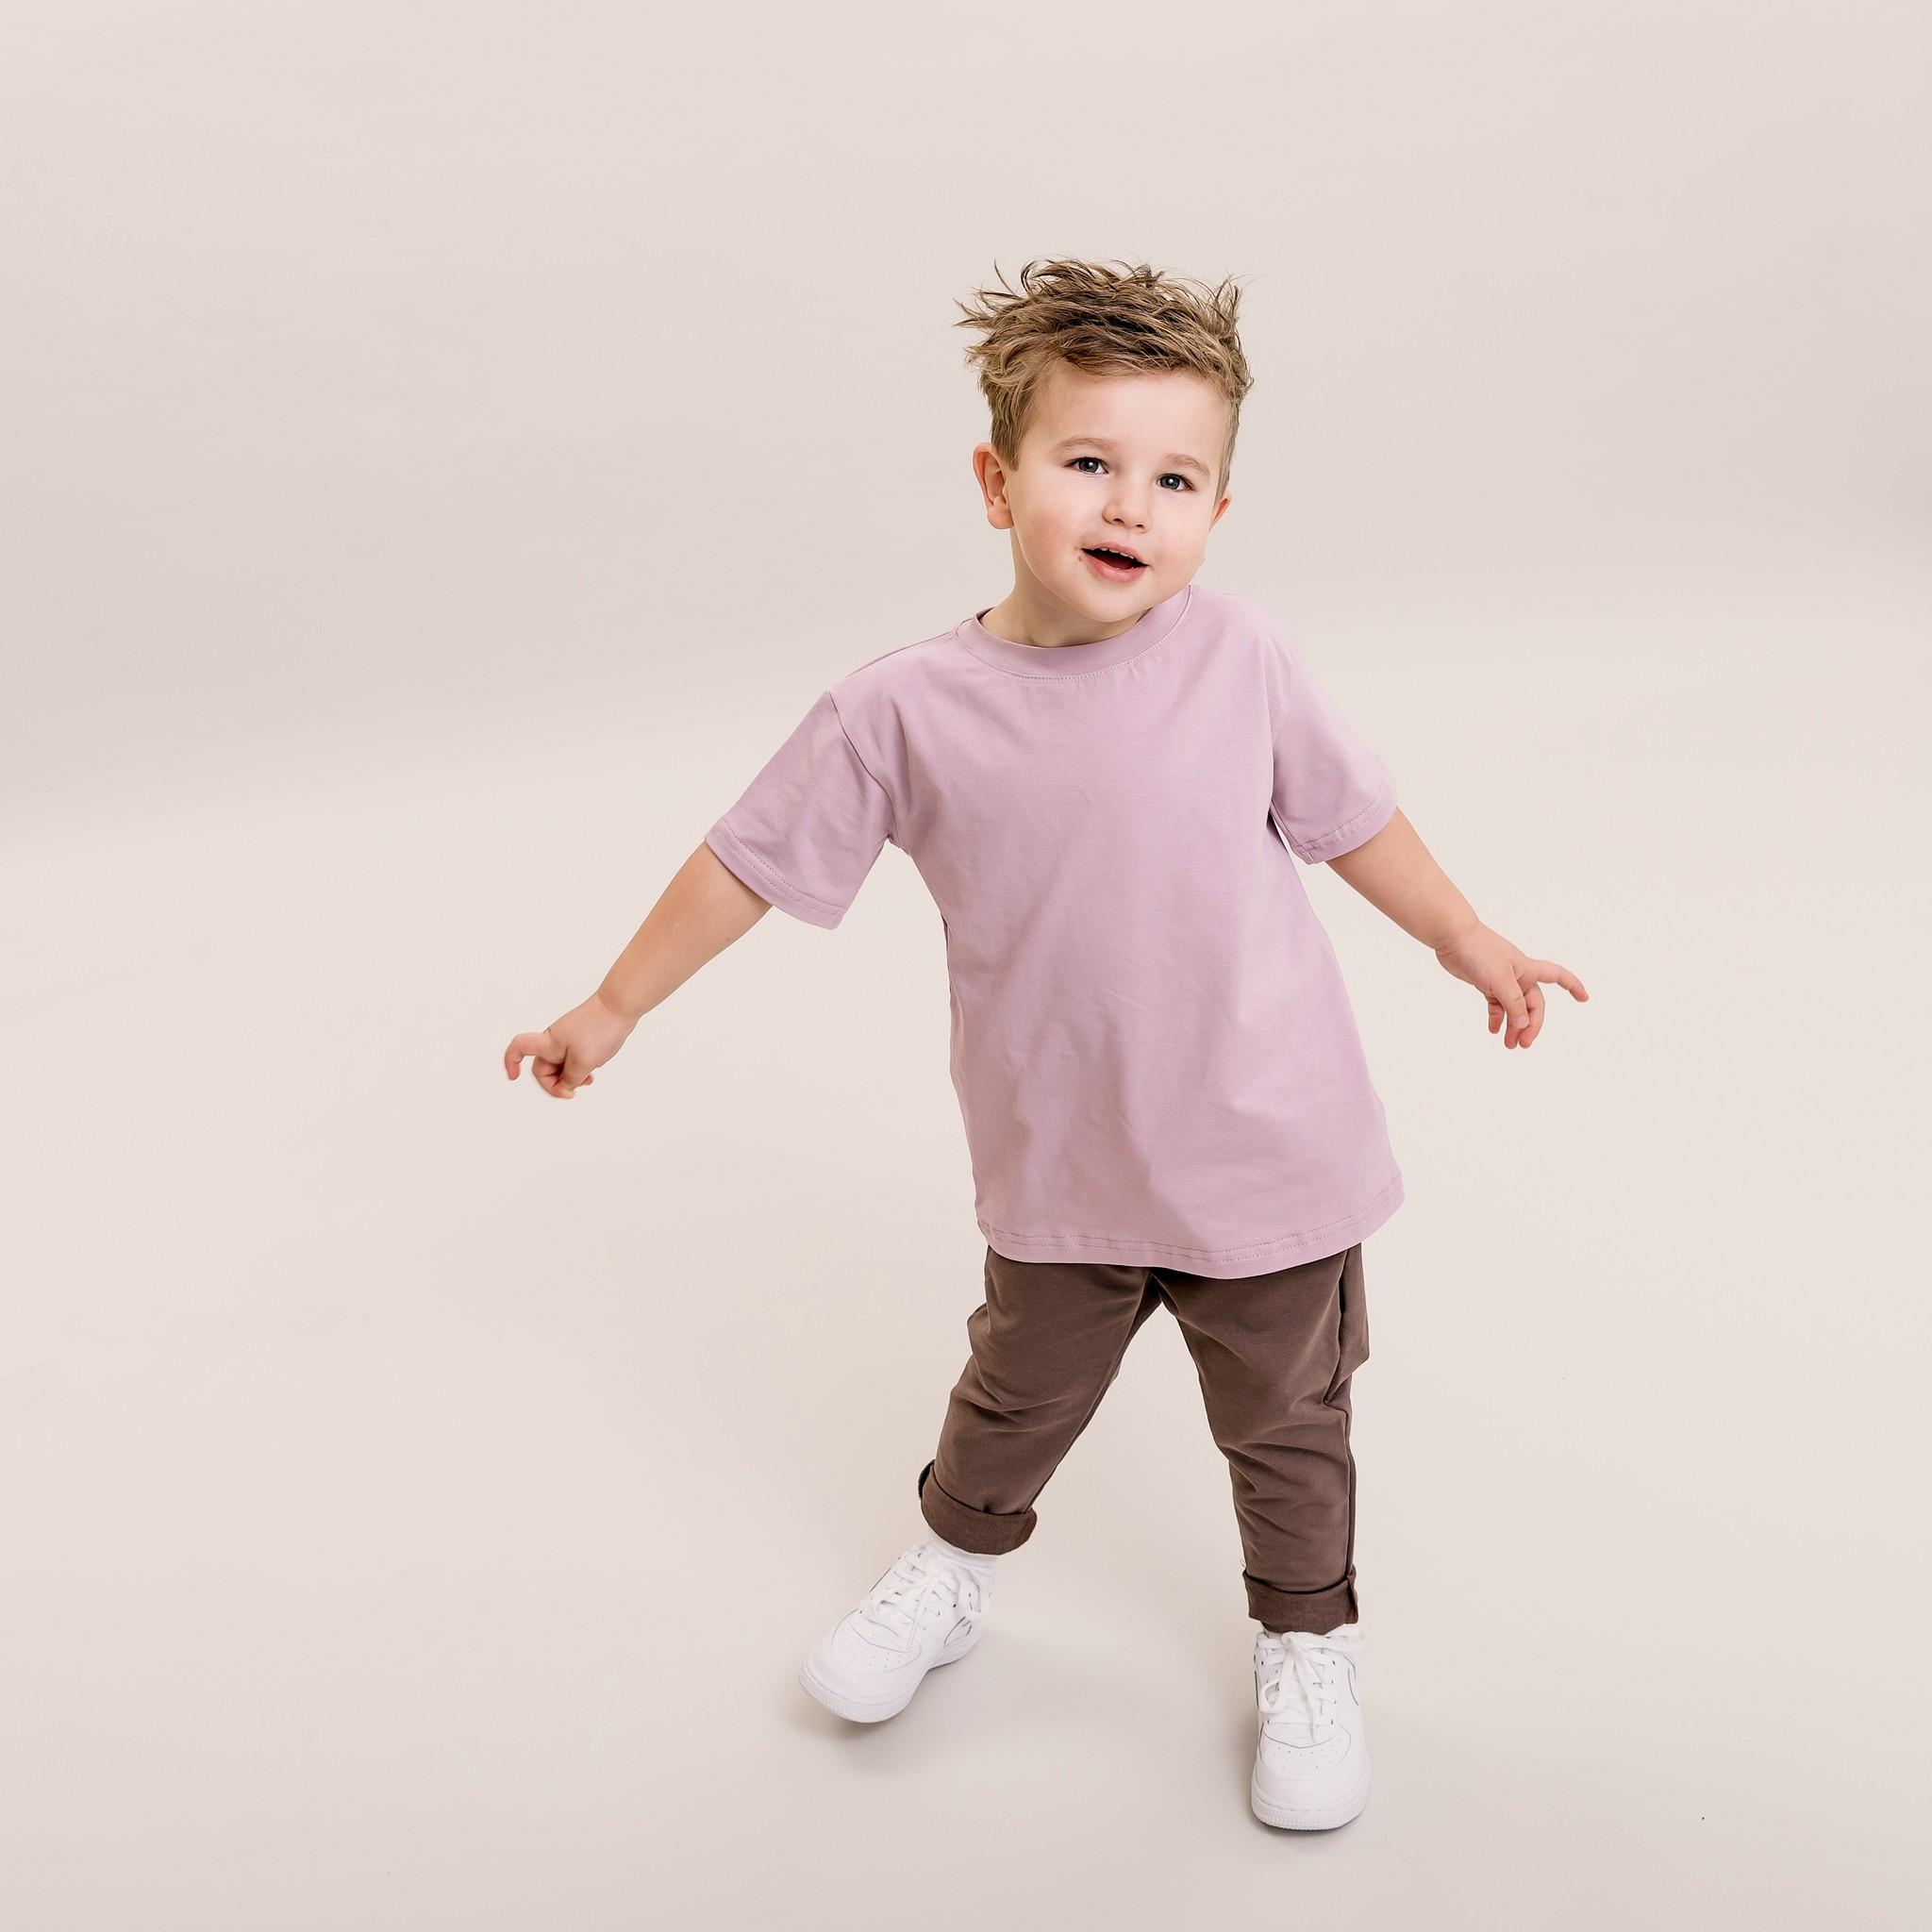 No Labels Kidswear OVERSIZED SHIRT   STREETWEAR BOYSWEAR   GREAT CHILDREN'S CLOTHING